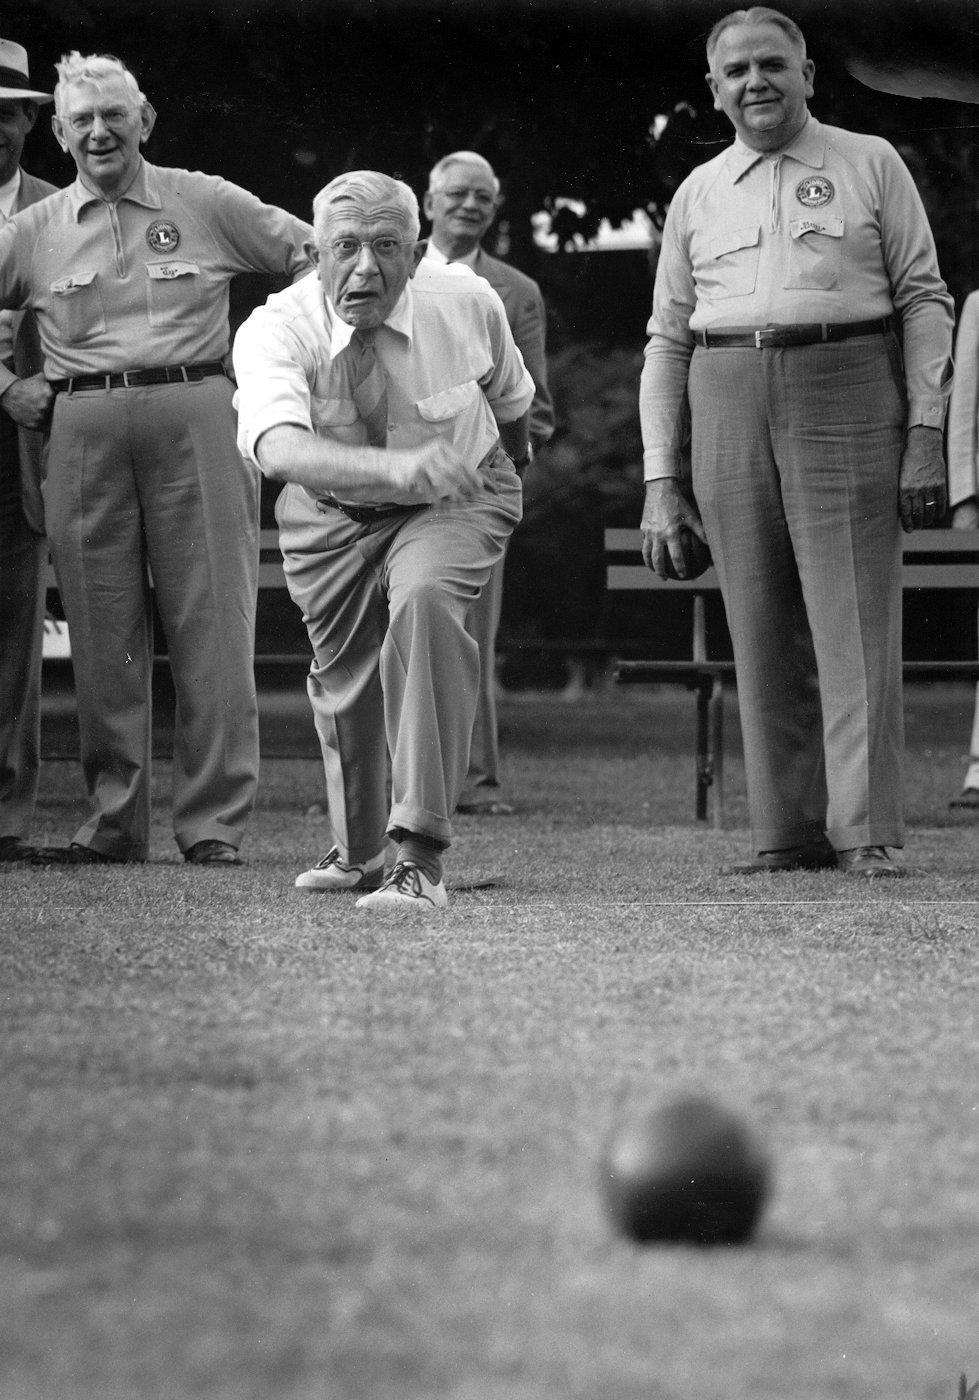 1951: Bocce ball